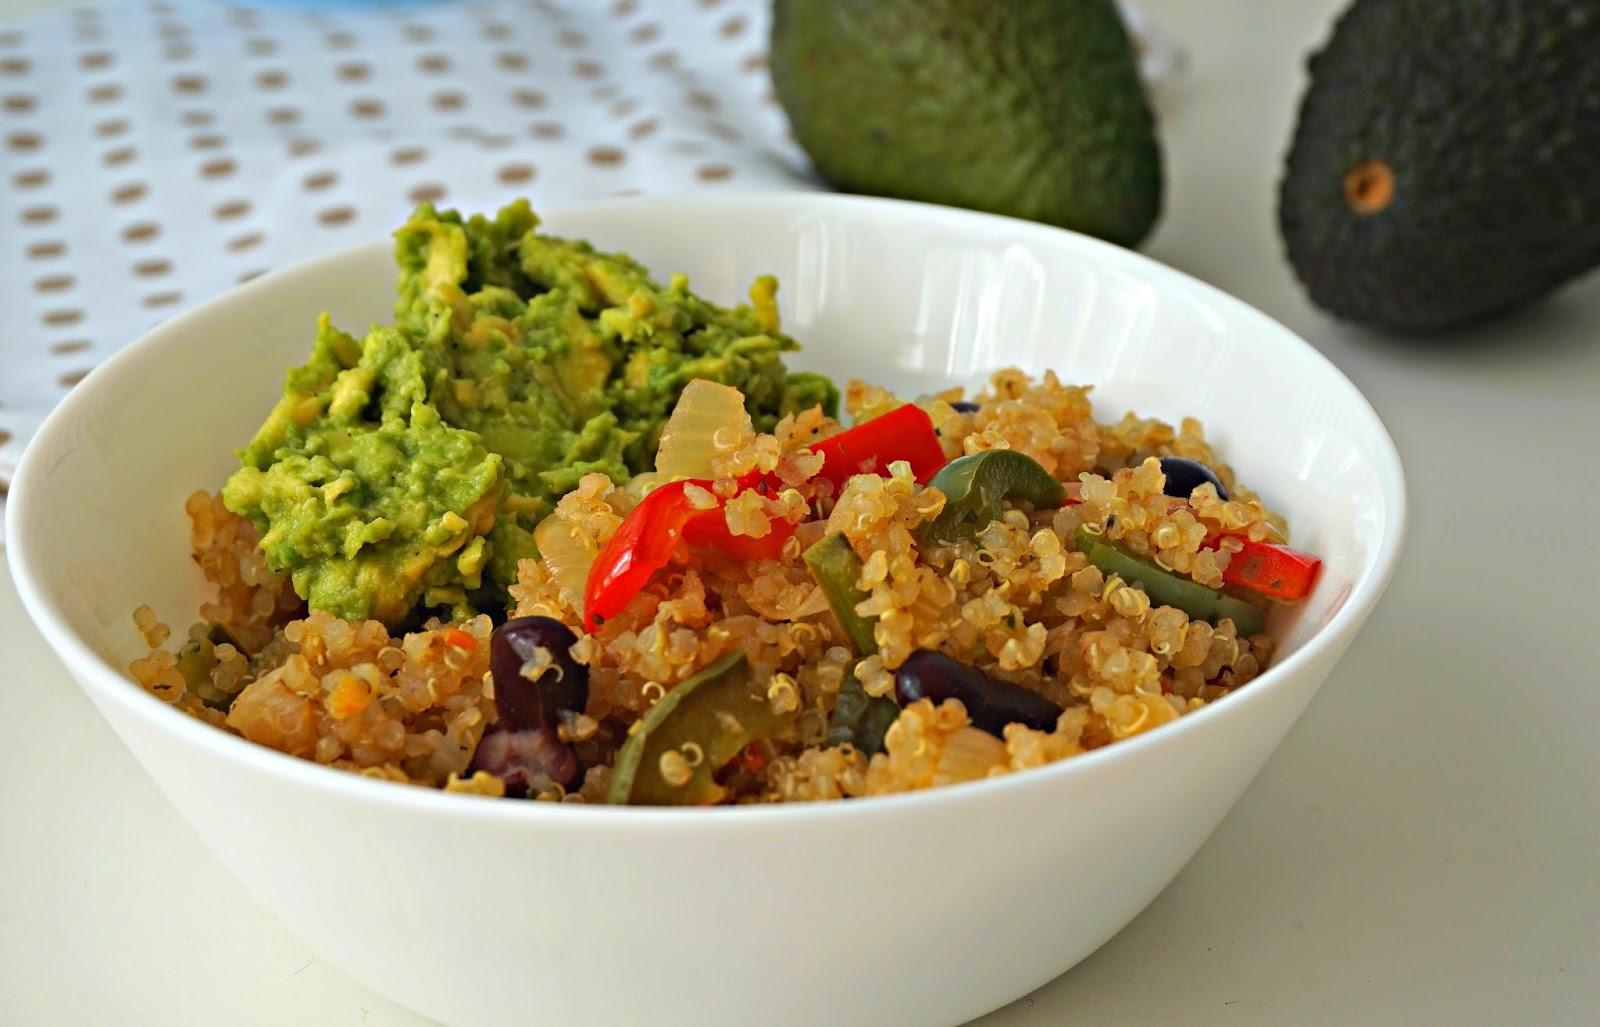 Receta quinoa con verduras a la mexicana celiveggie recetas sin gluten y vegetarianas - Cocinar quinoa con verduras ...